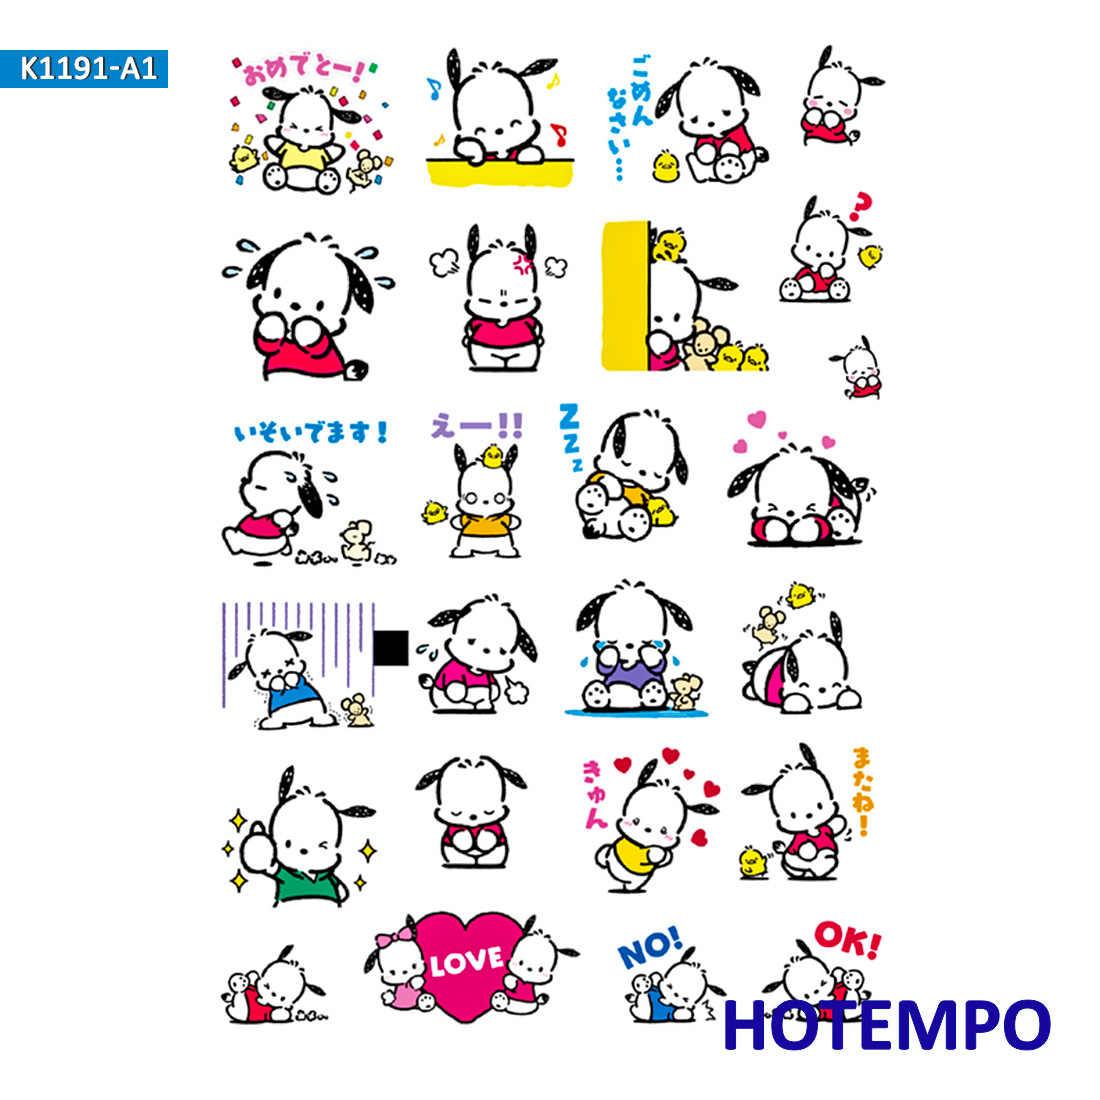 Anime pochacco cão dos desenhos animados bonito adesivos para a menina crianças presente diy carta diário scrapbooking papelaria pegatinas adesivos